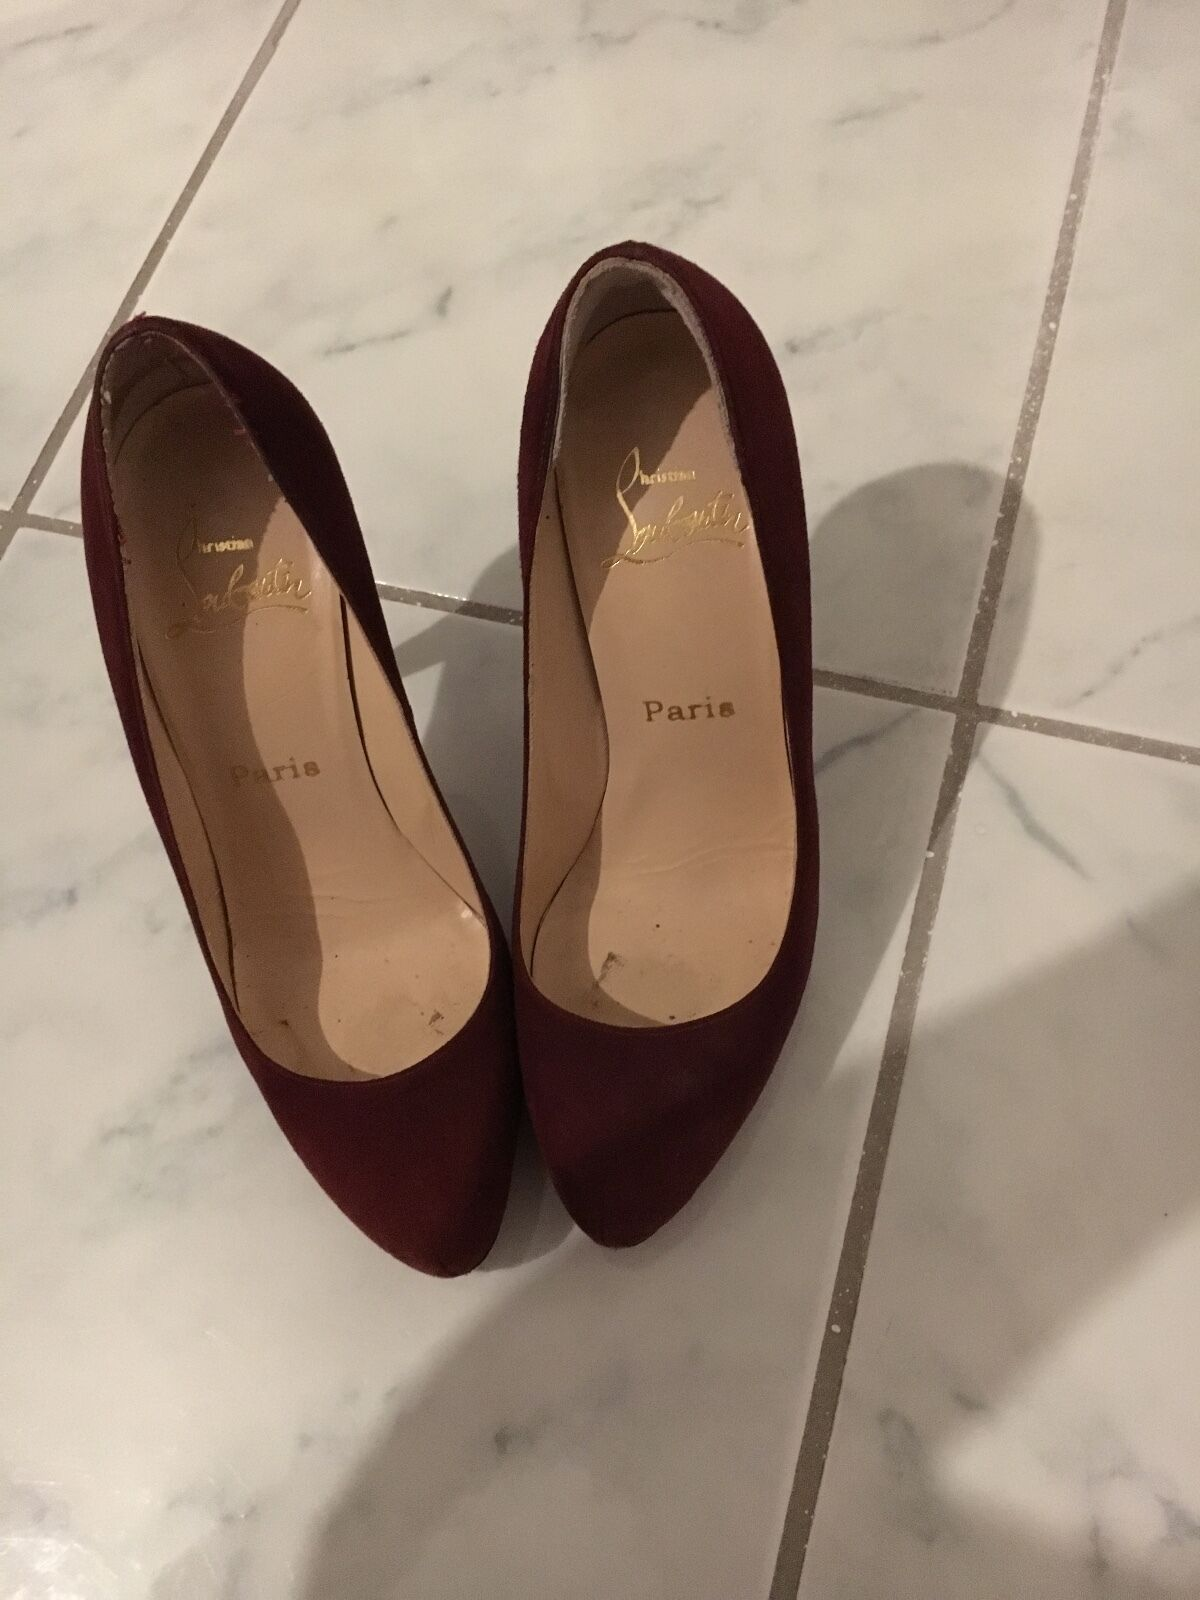 CHRISTIAN LOUBOUTIN Pumps Gr. D 37 Blau Damen Schuhe High Heels Stilettos